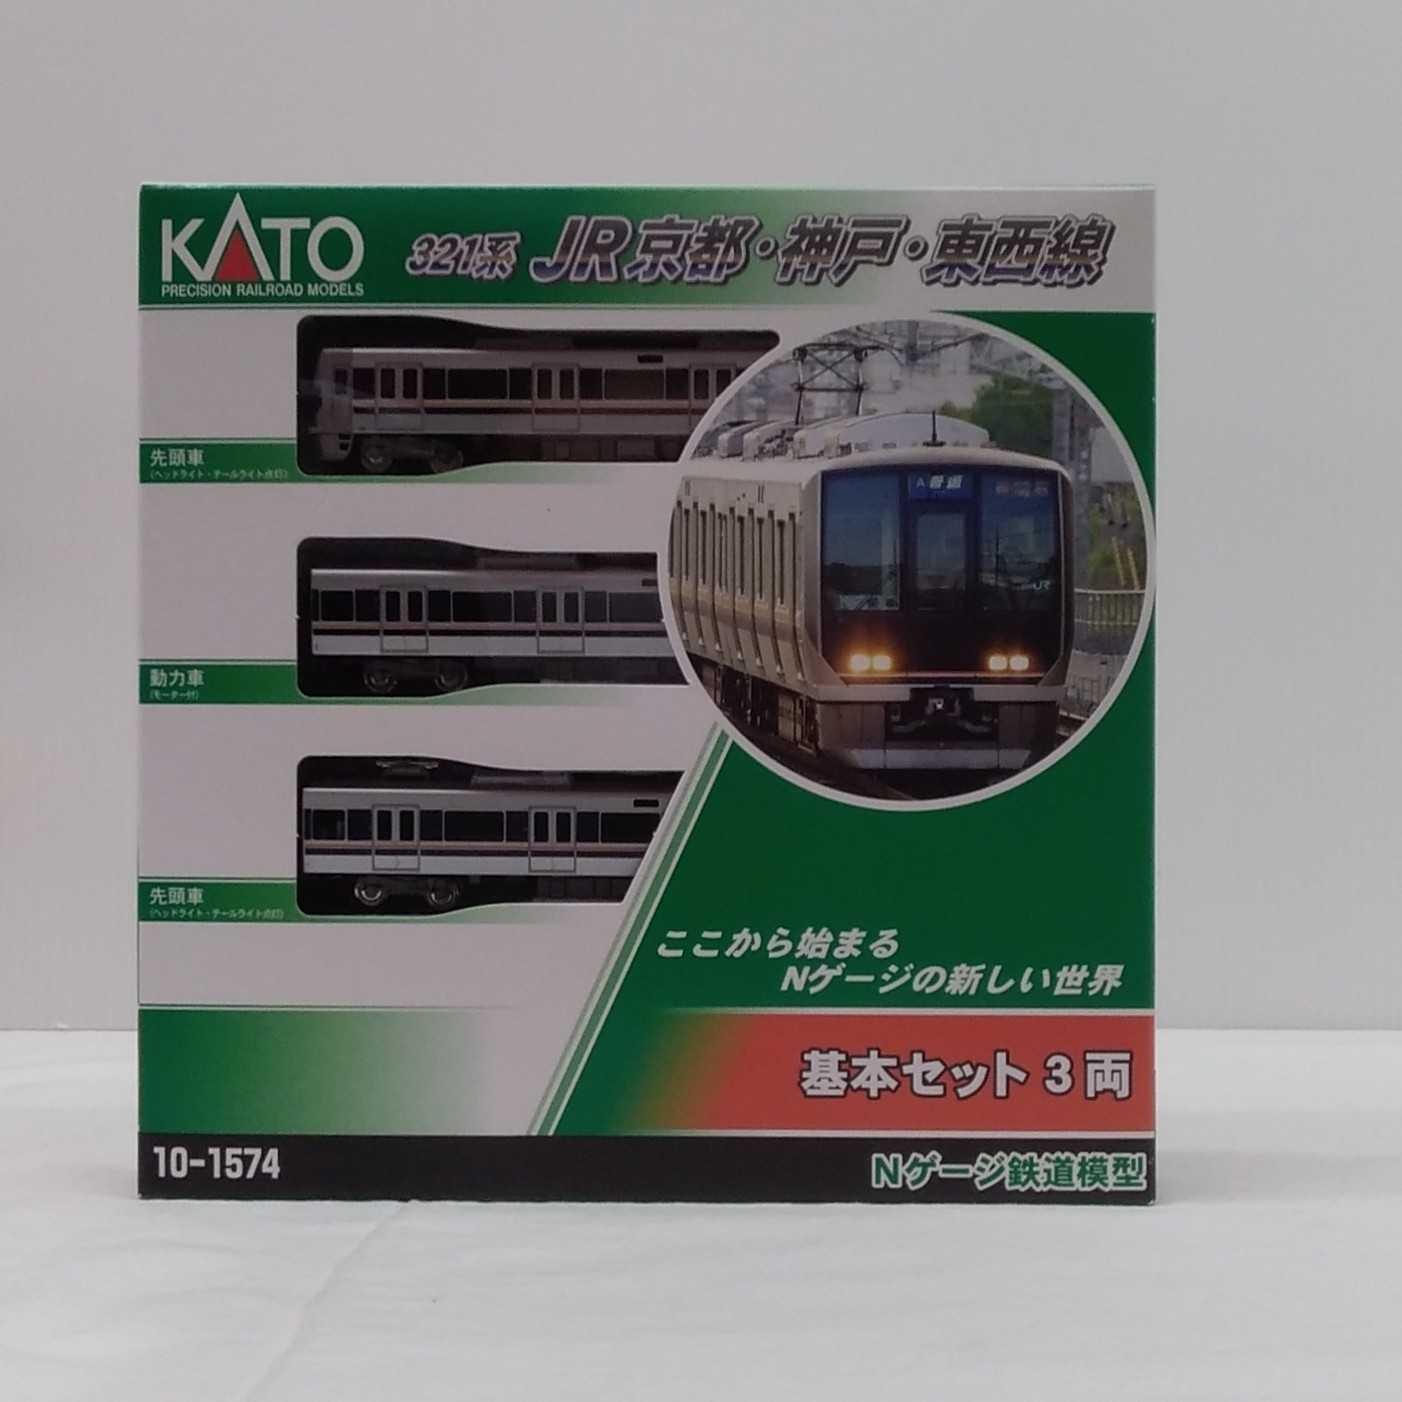 Nゲージ 10-1574|KATO